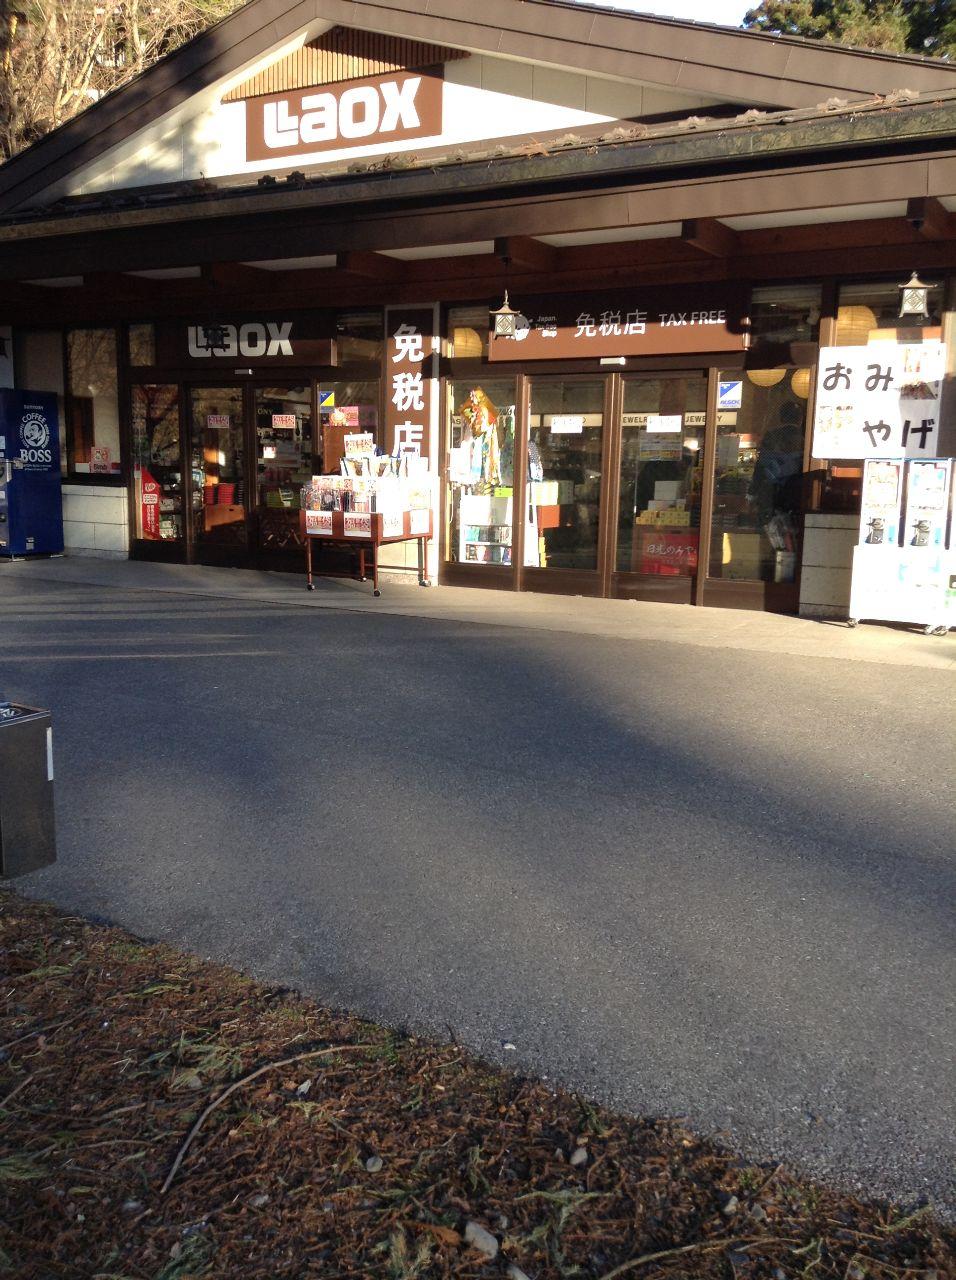 8202 - ラオックス(株) 株の狩人さん  店舗の写真をもう一つ。 ちなみに前の投稿の写真で車が写っておりますが、東照宮等に向か